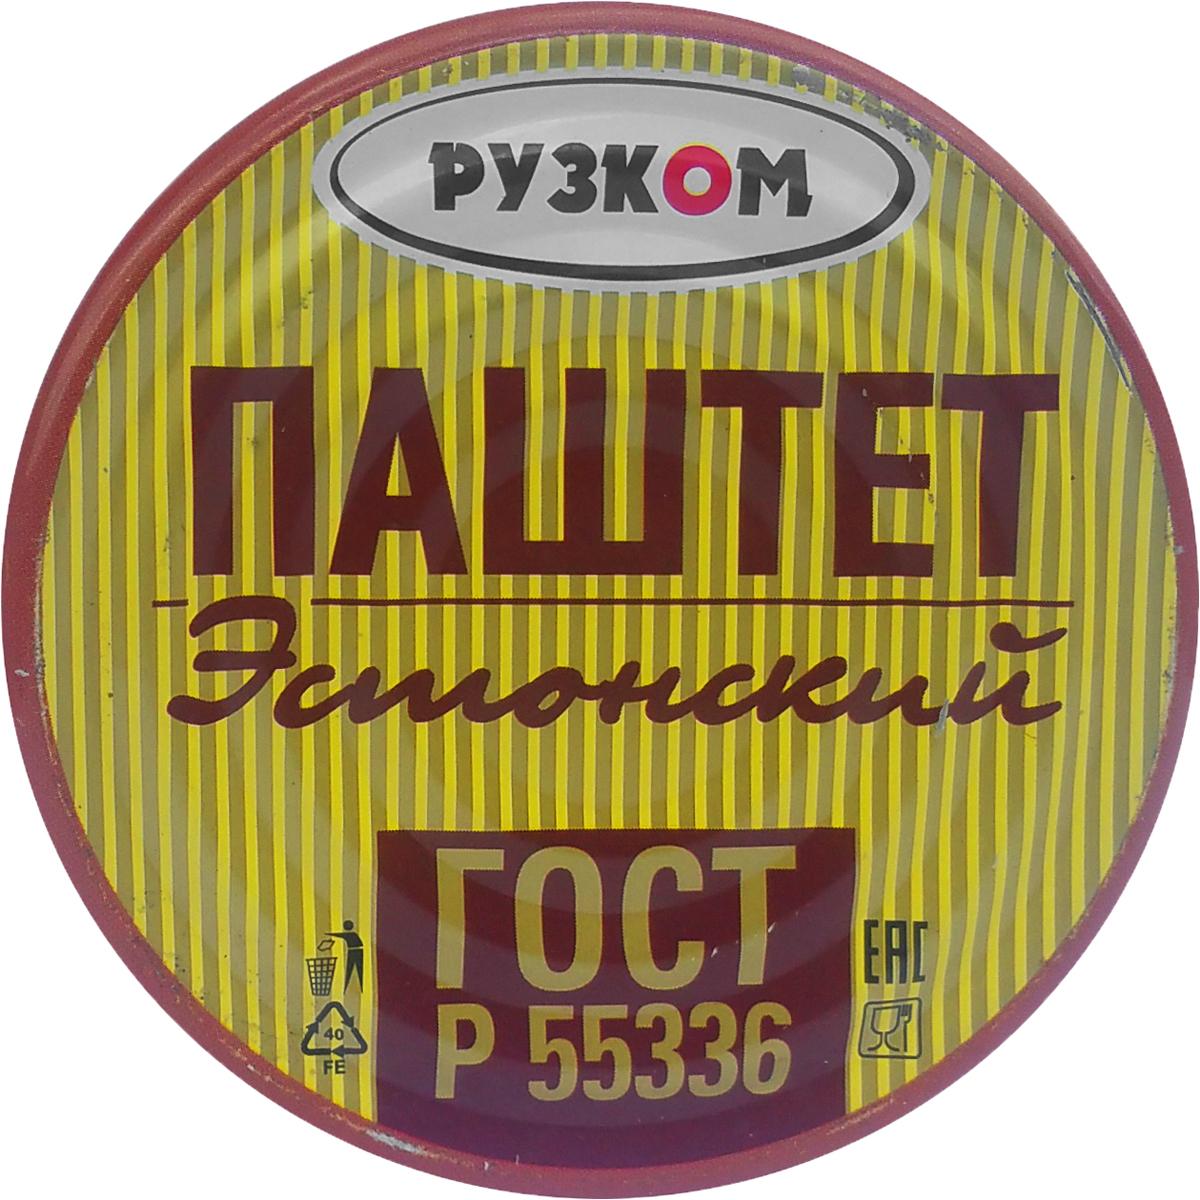 Рузком Эстонский паштет литография, 117 г4606411012661